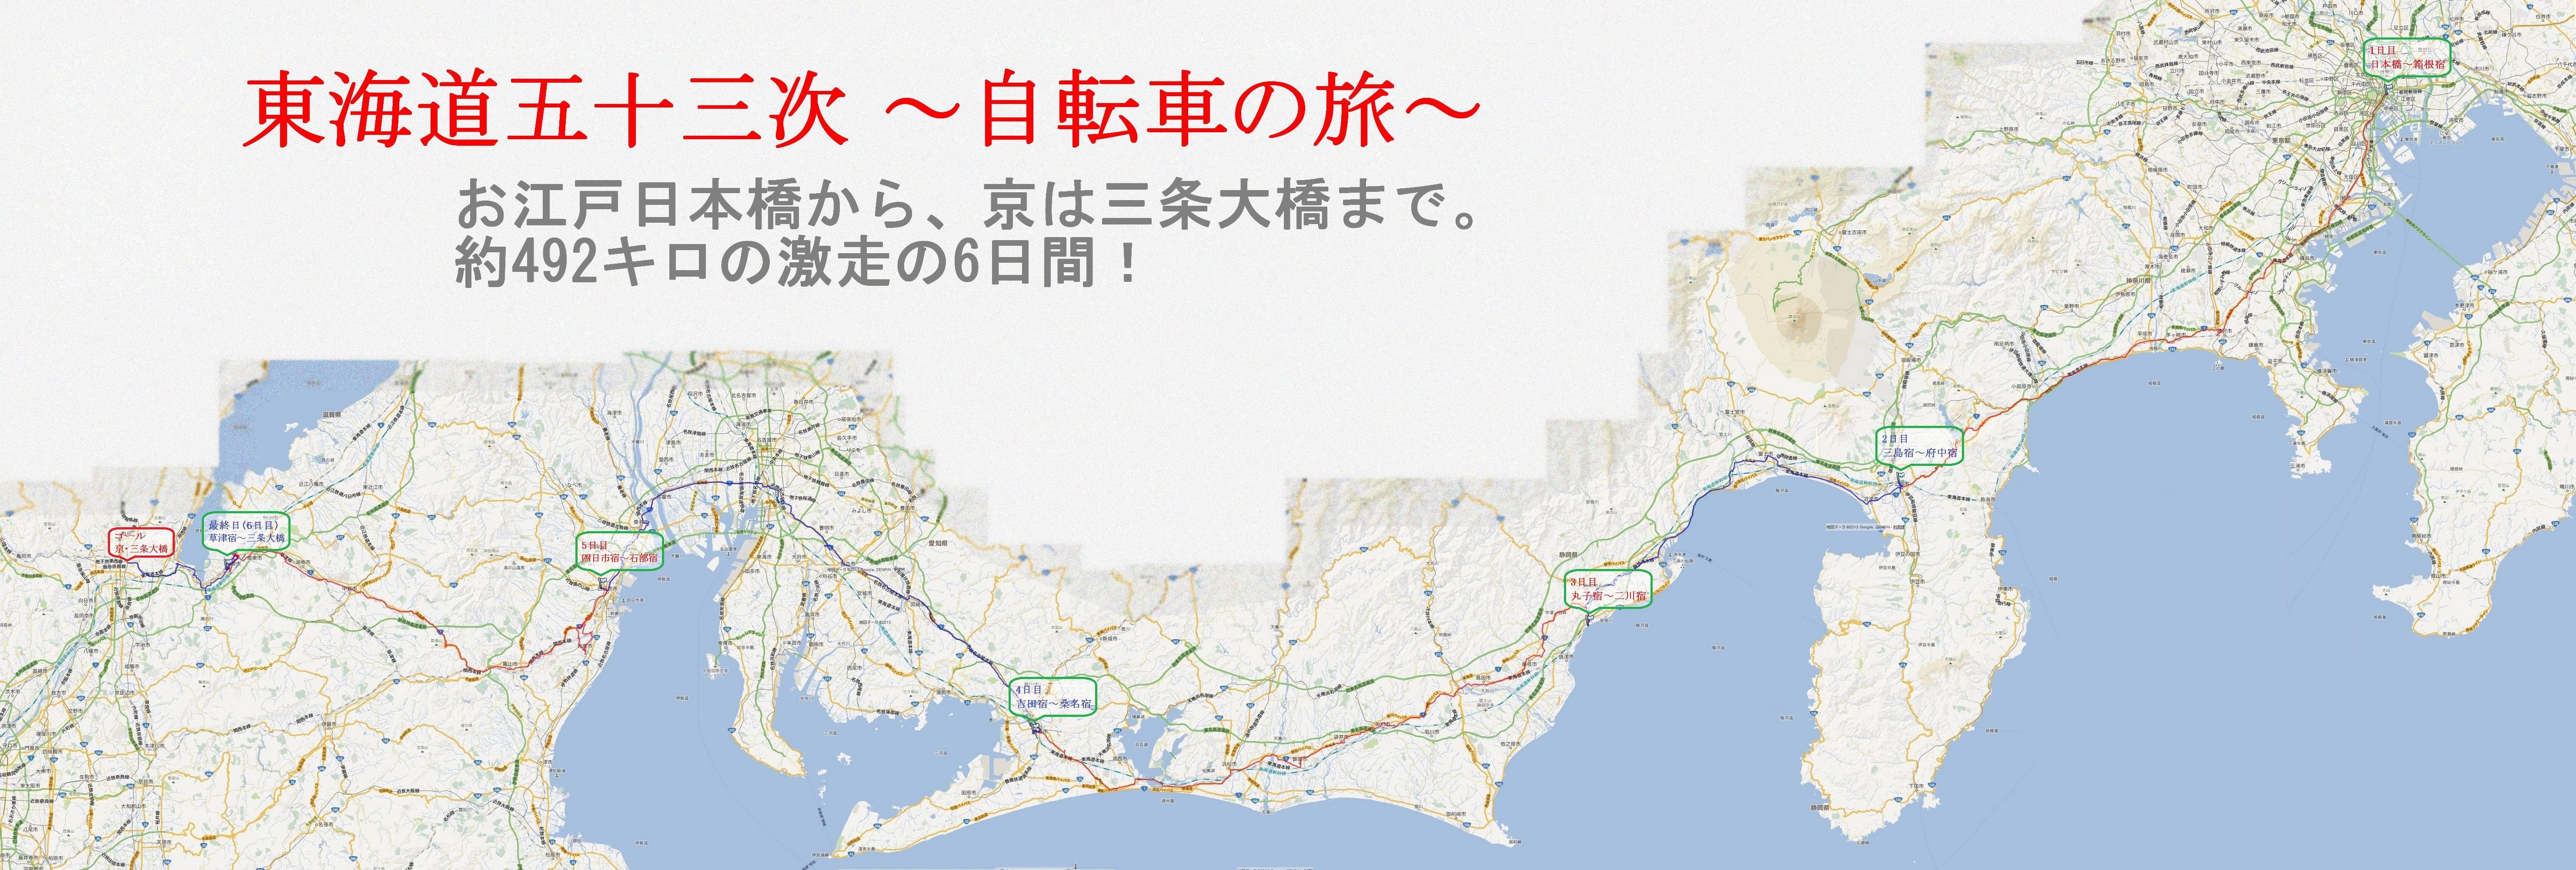 東海道五十三次の旅を終えて